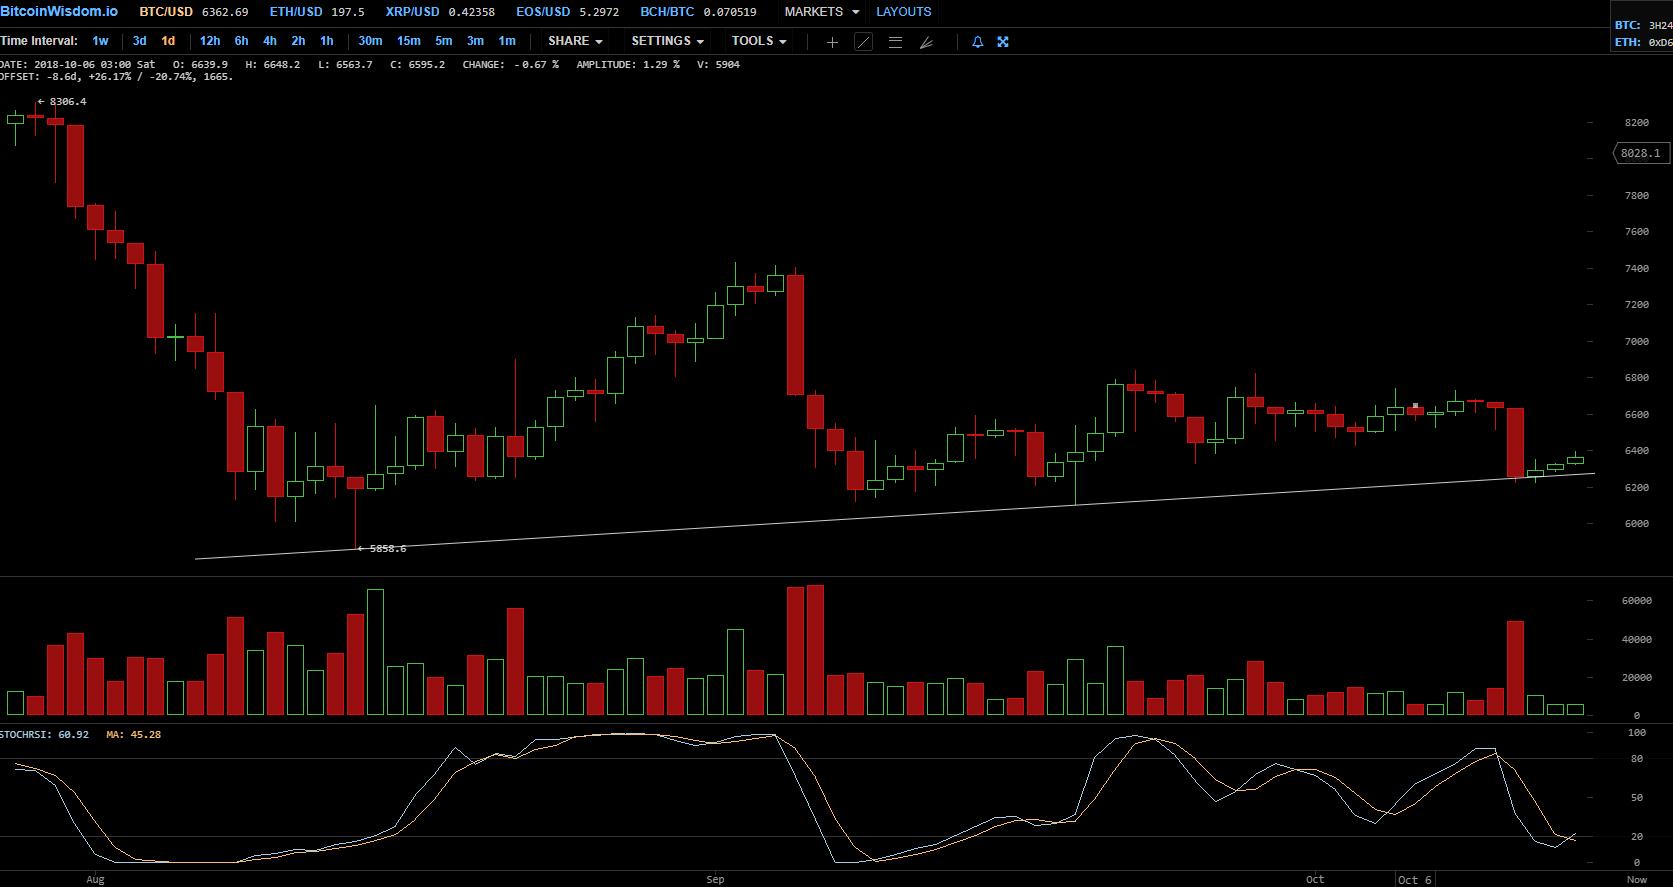 Курс BTC/USD, дневной график биржи Bitfinex